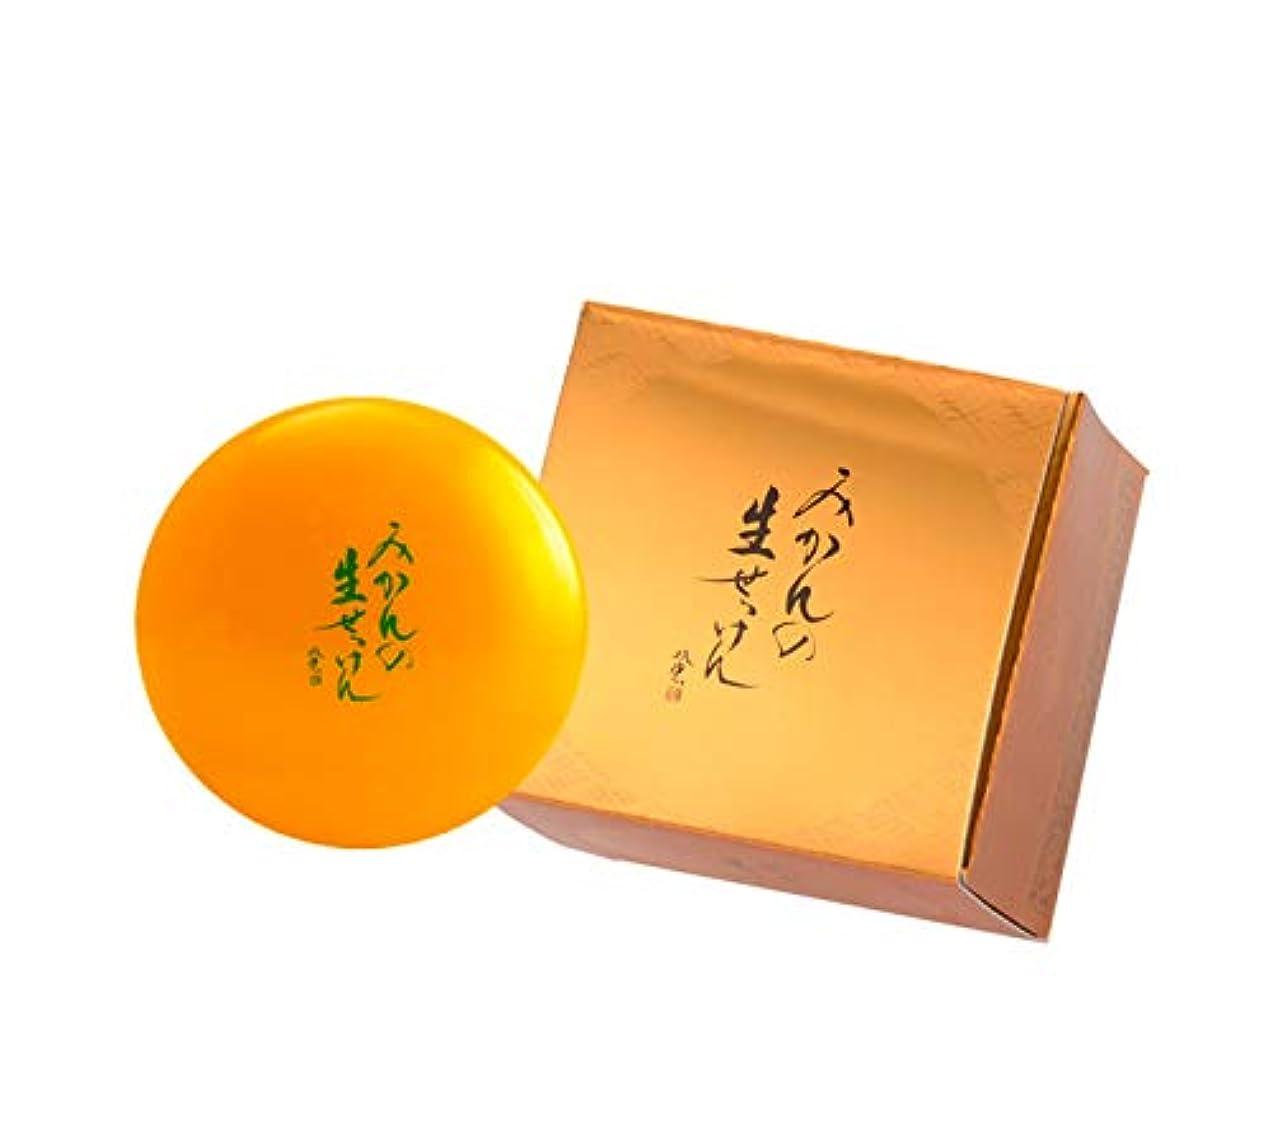 幸運なことに守るシャーロックホームズUYEKI美香柑みかんの生せっけん120g×3個セット